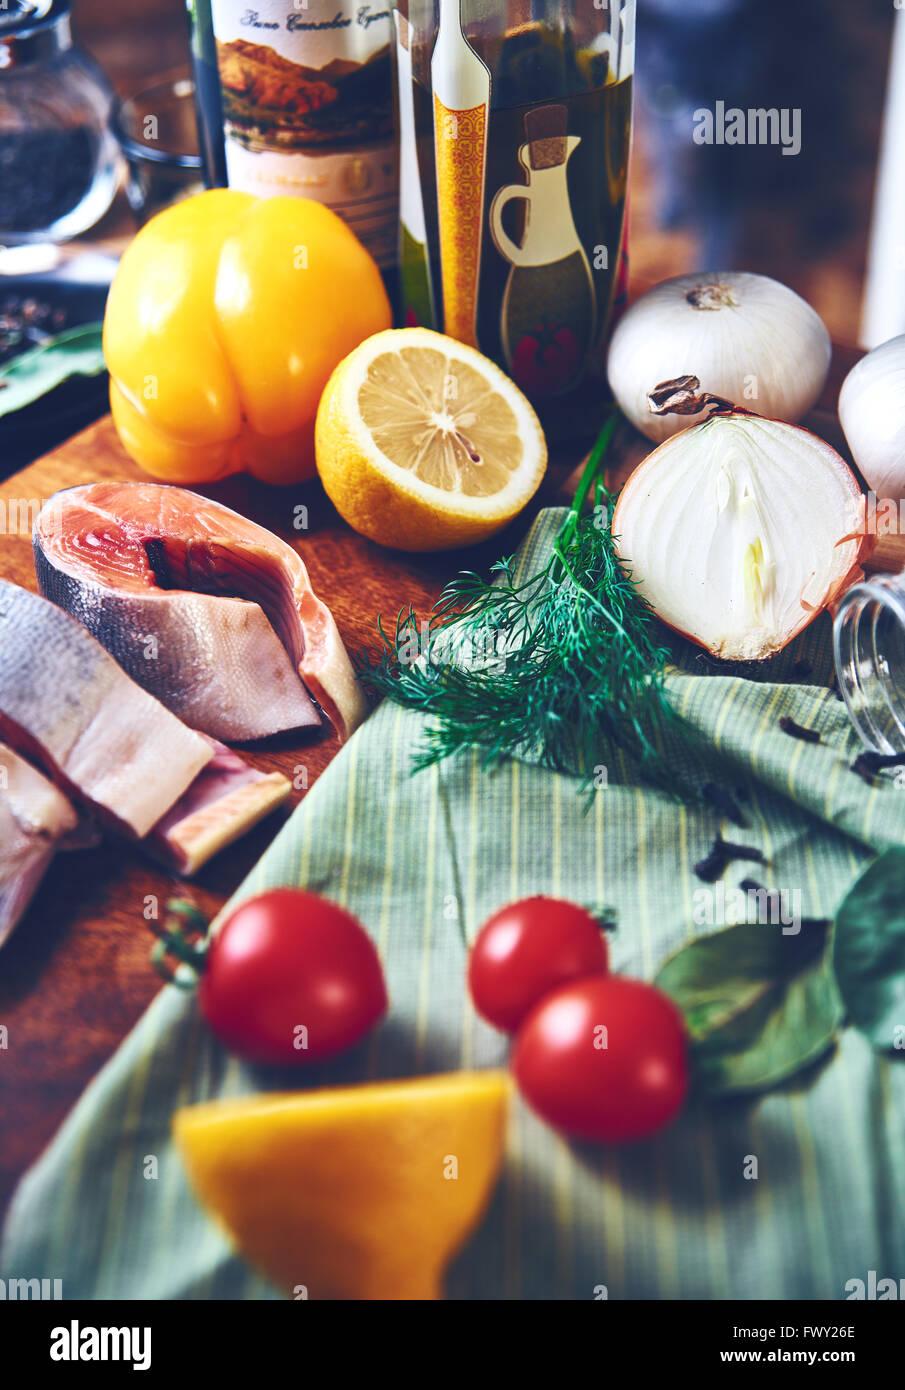 Todavía pescan verduras Imagen De Stock